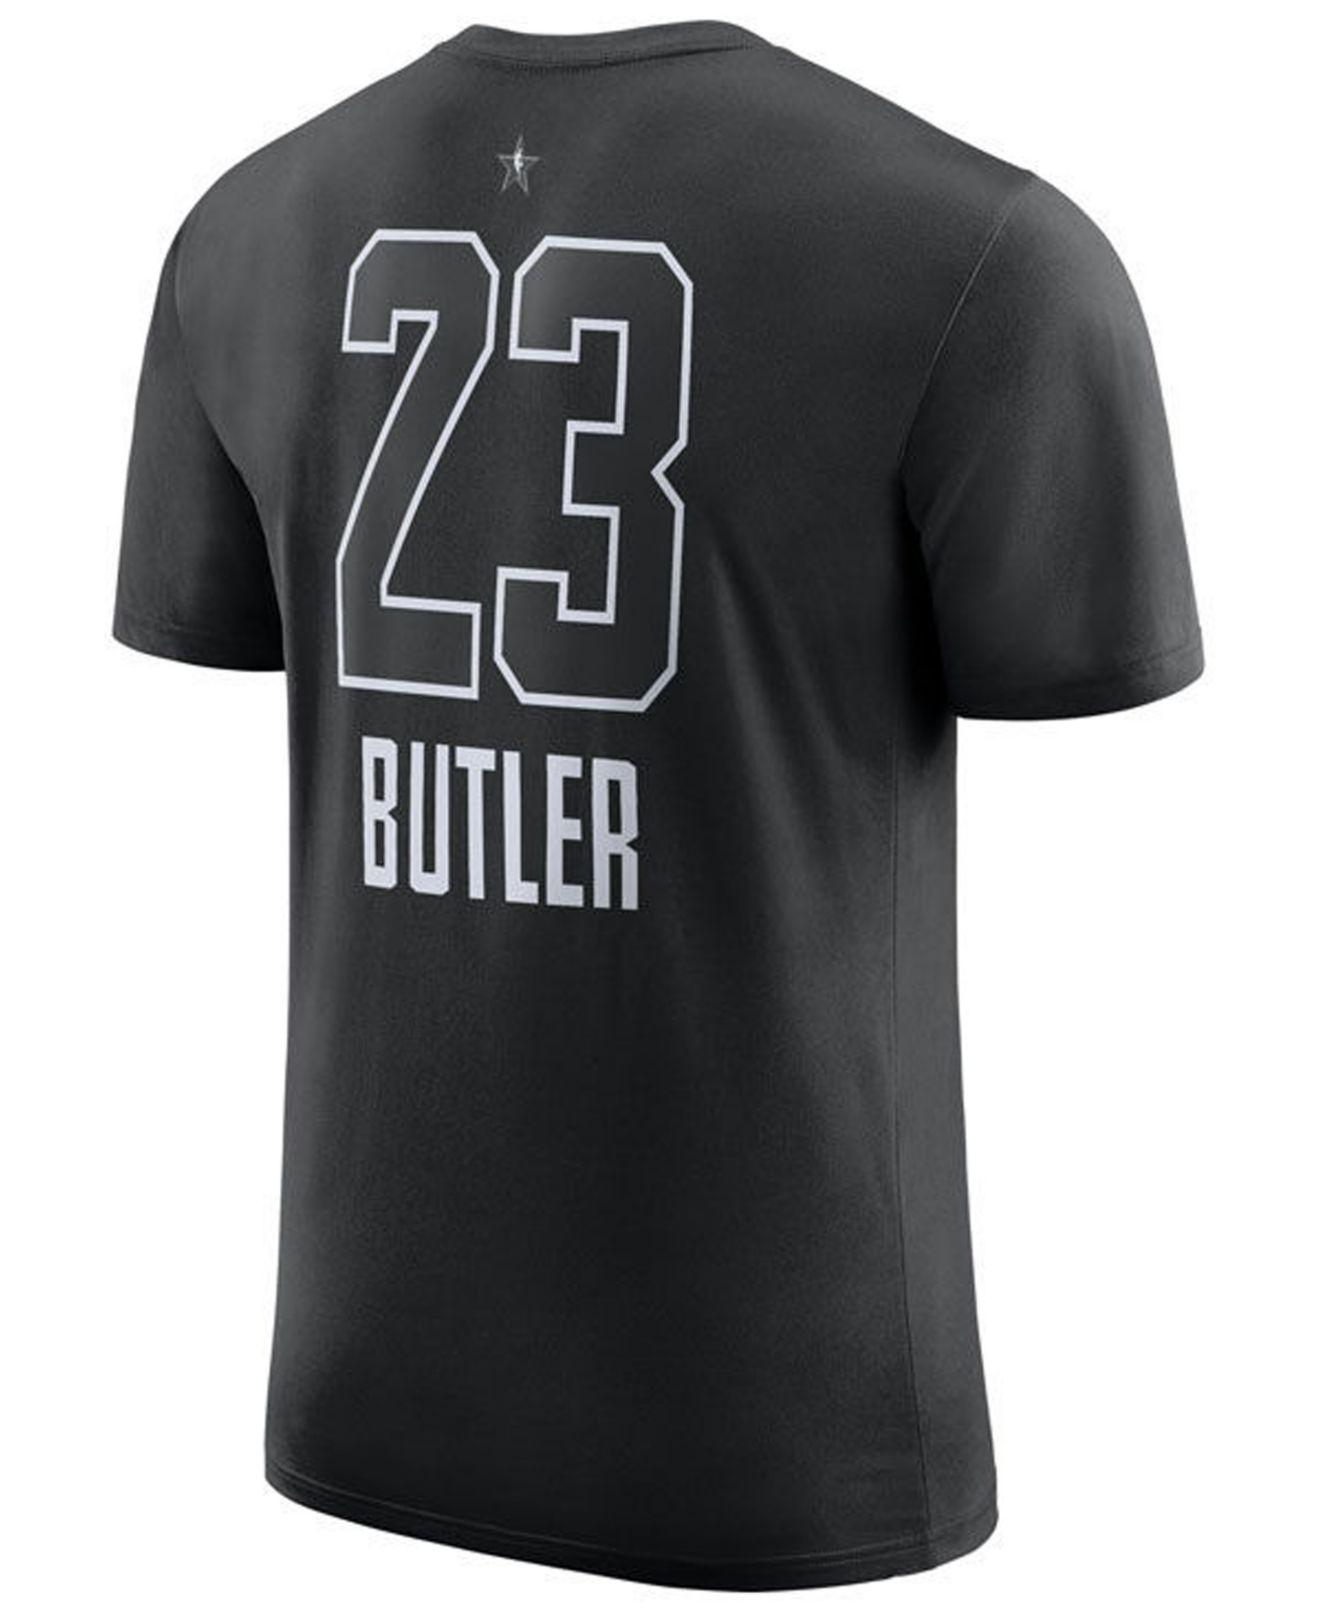 cedec56a5ce Nike. Men s Black Jimmy Butler Minnesota Timberwolves All-star Player T- shirt